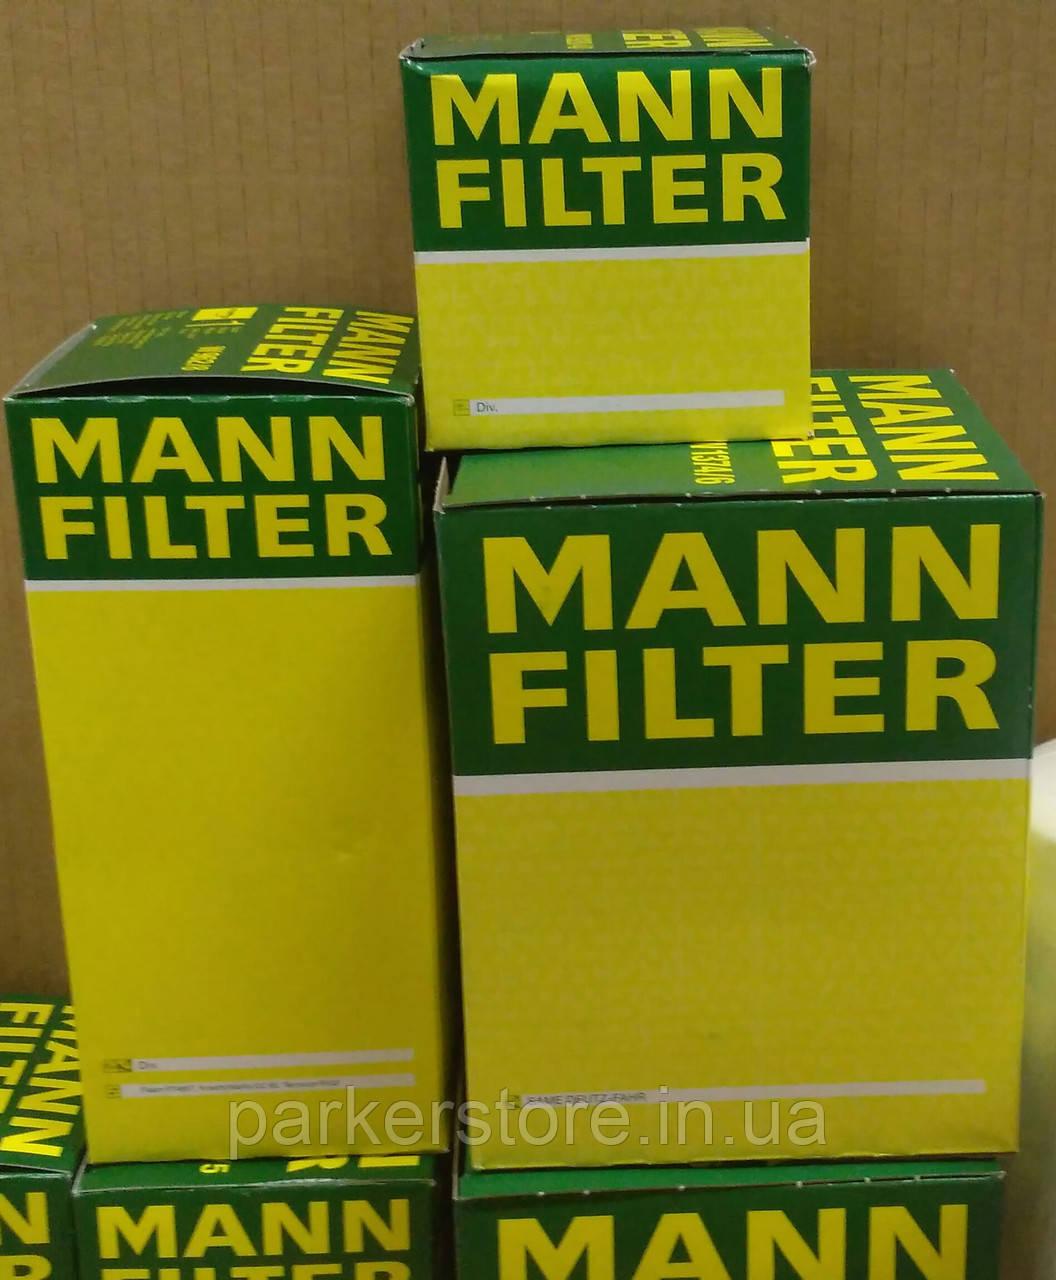 MANN FILTER / Повітряний фільтр / C 30 195/2 / C30195/2